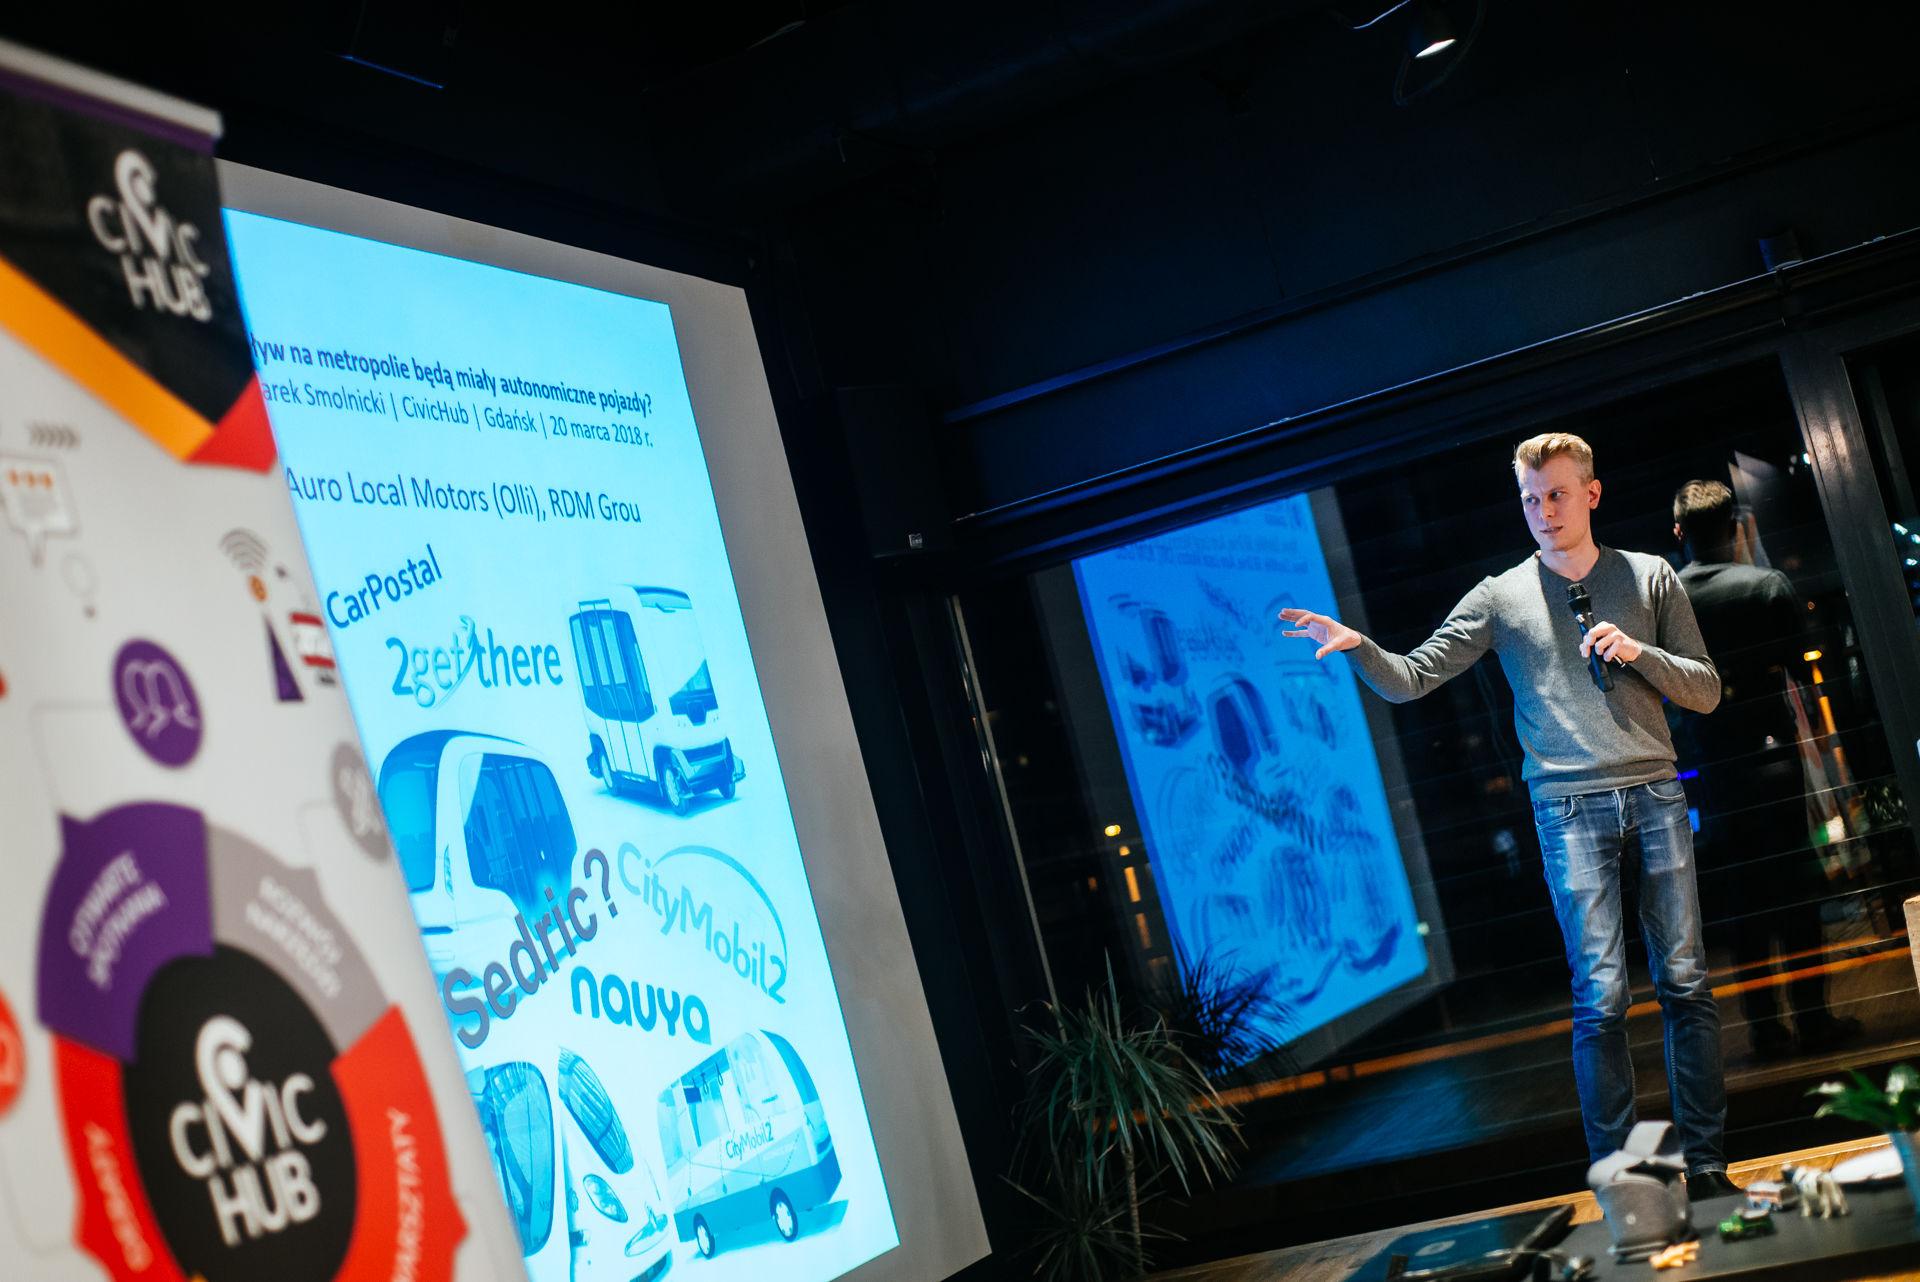 Dokumentacja fotograficzna konferencji - wydarzenie zorganizował Civic Hub w Gdańsku